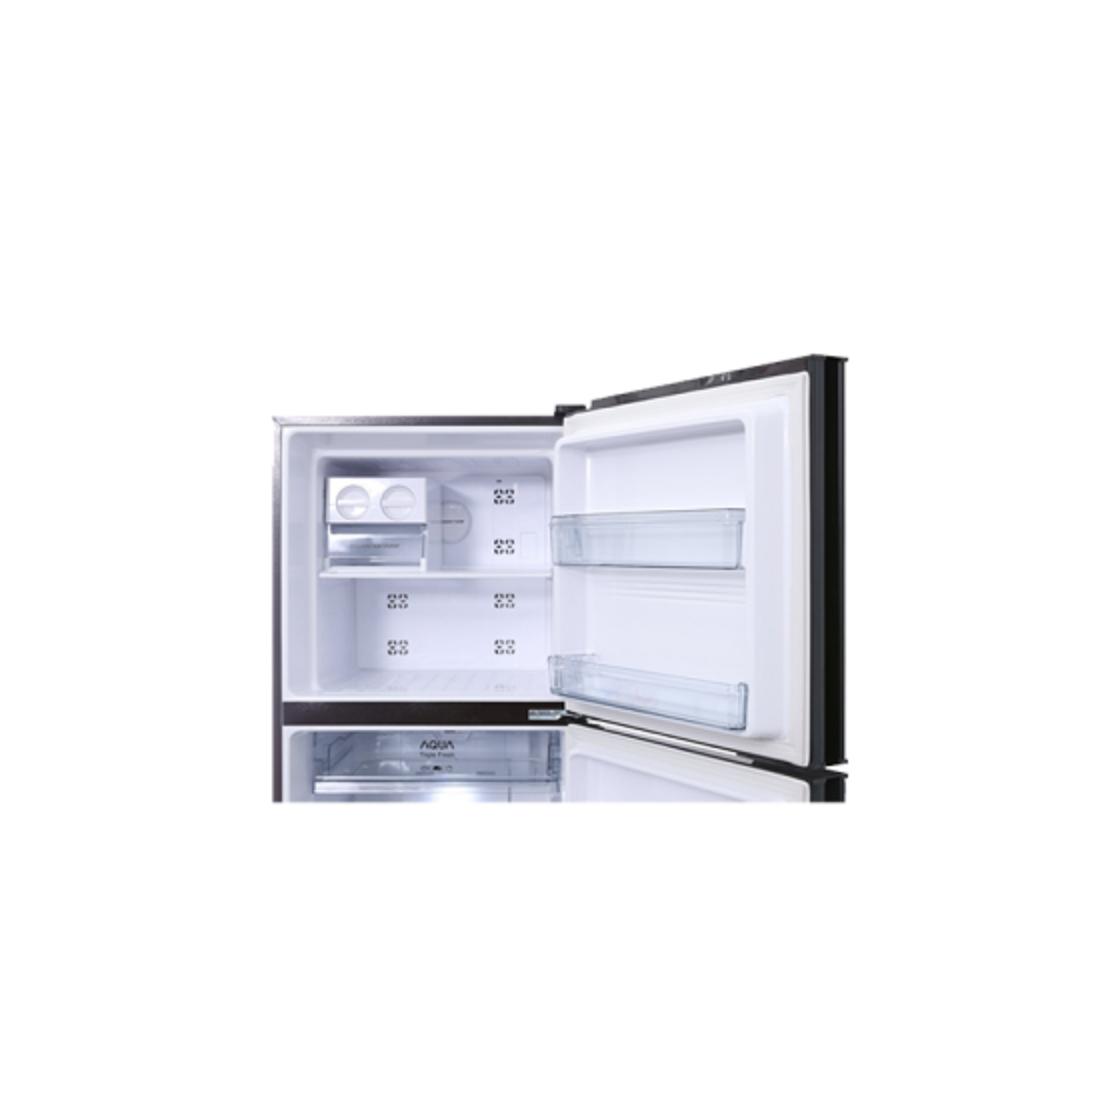 Tủ Lạnh Aqua 345 Lít AQR-I356DN-Thế giới đồ gia dụng HMD